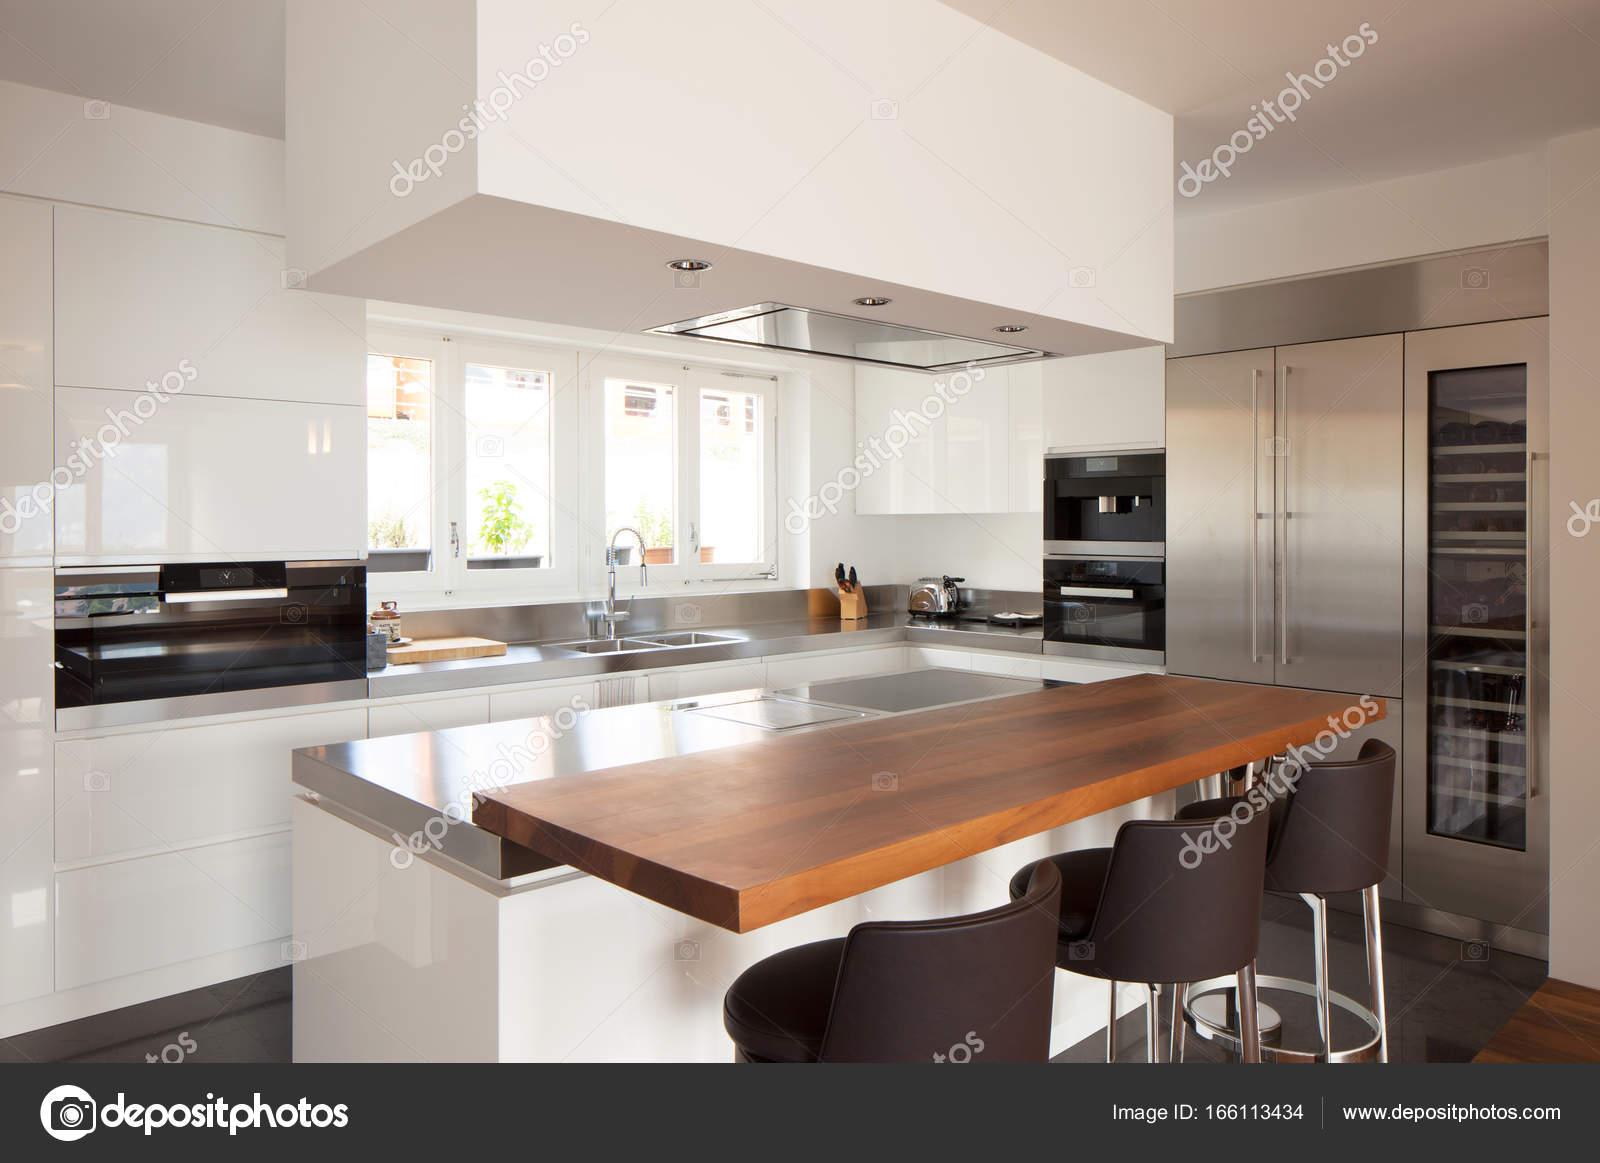 Cozinha Moderna Em Apartamento De Luxo Fotografias De Stock